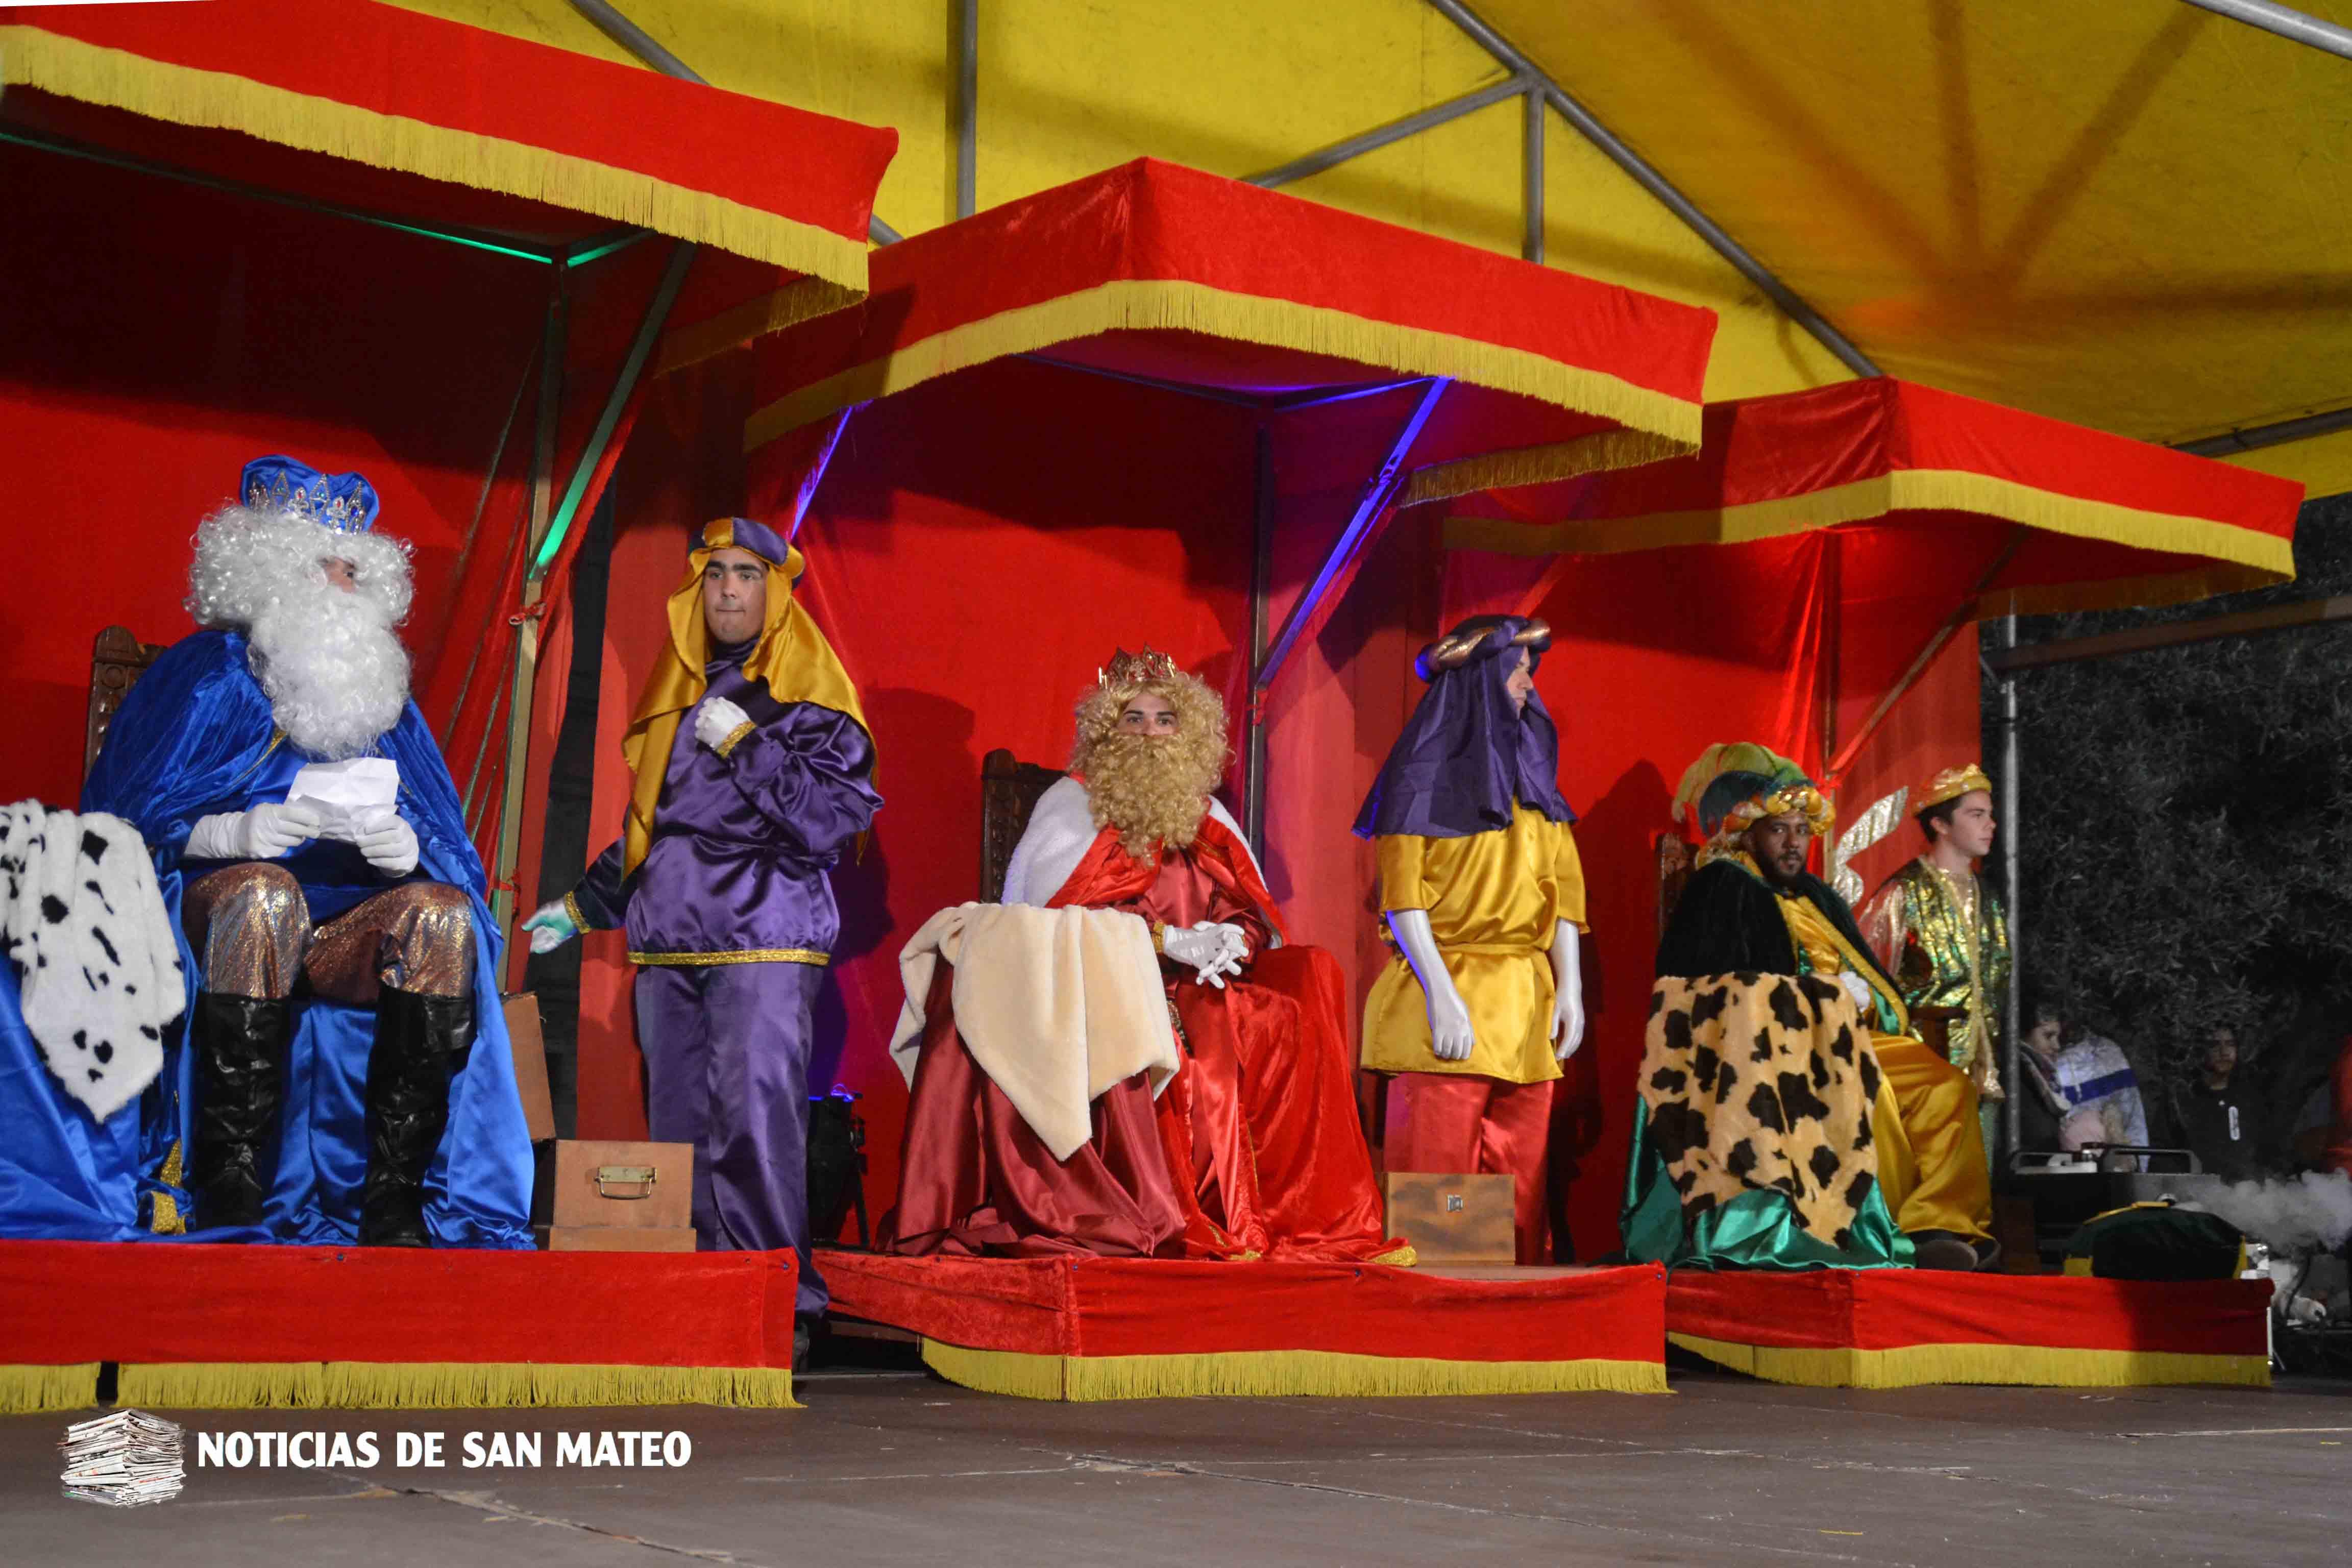 Los Reyes Magos visitarán los barrios y el casco de San Mateo el 5 de enero